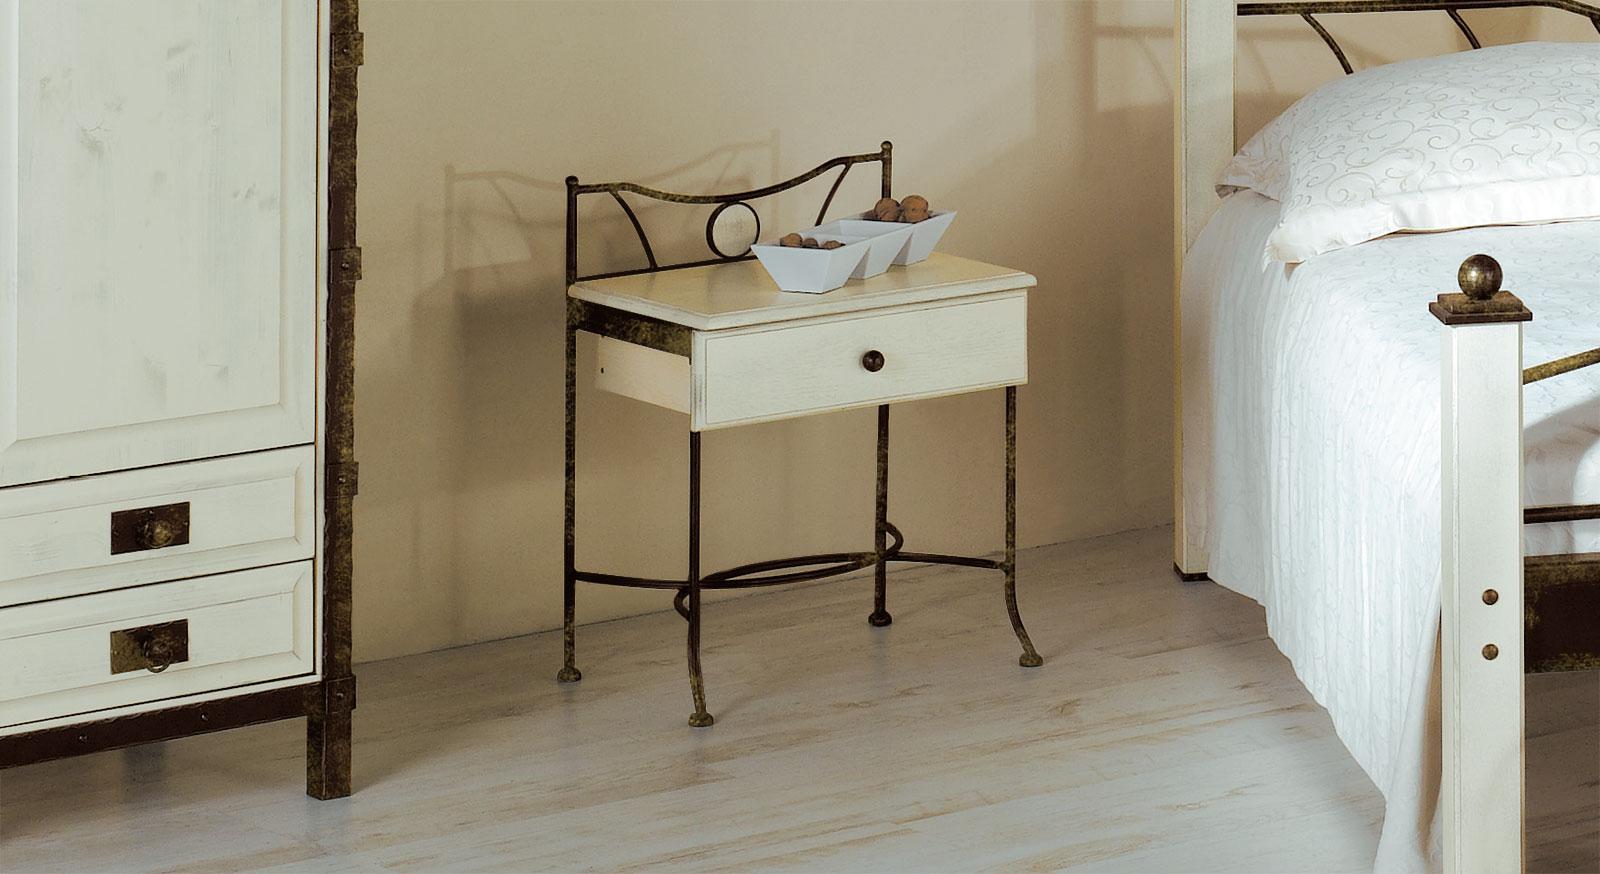 Nachttisch Lavia in Braun-Gold und weißer Eiche